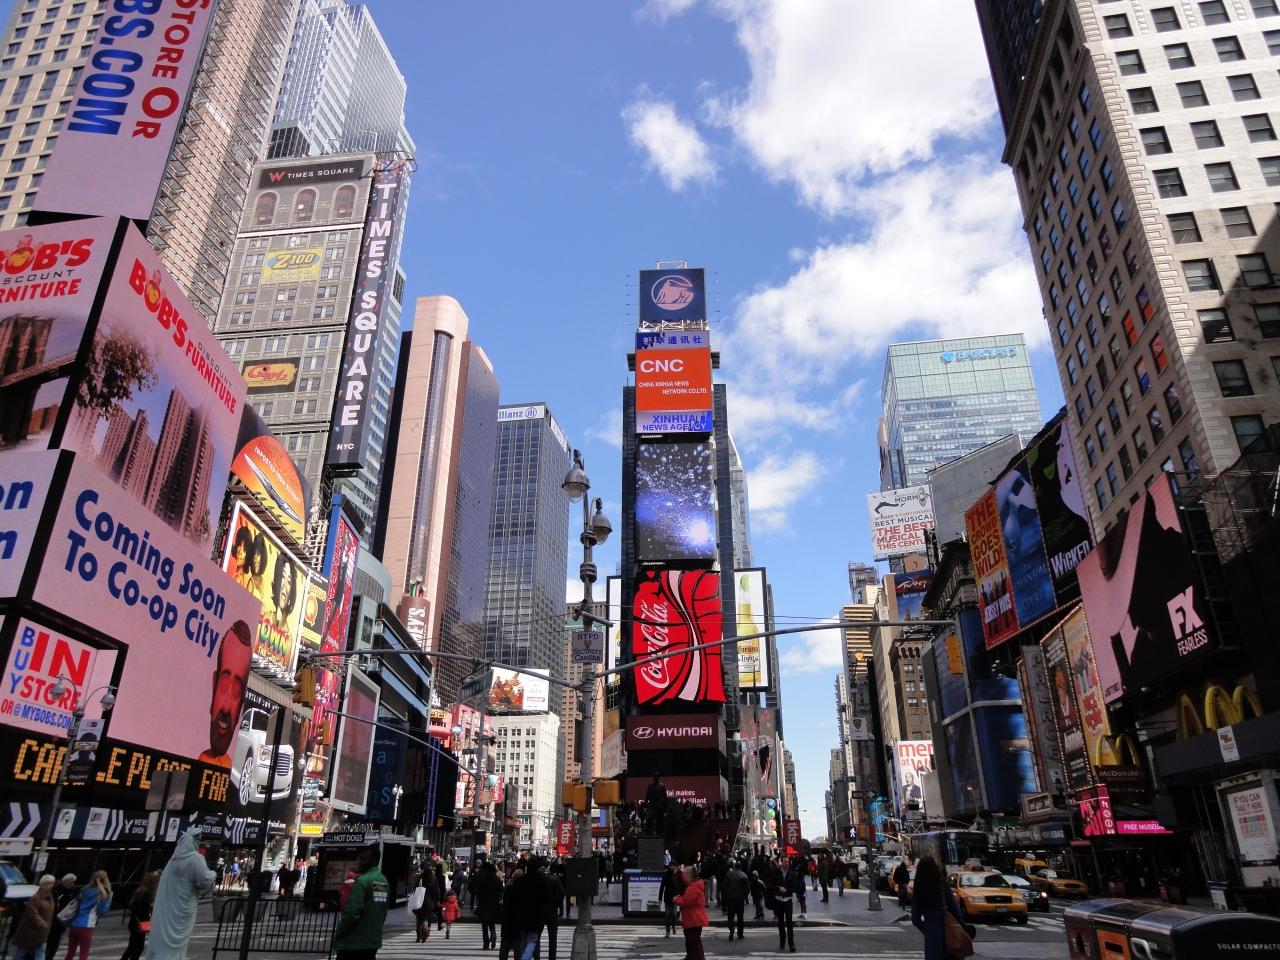 海外旅行先ベスト5!海外旅行の達人自らが選ぶ、行ってみて本当に良かった都市を一挙公開